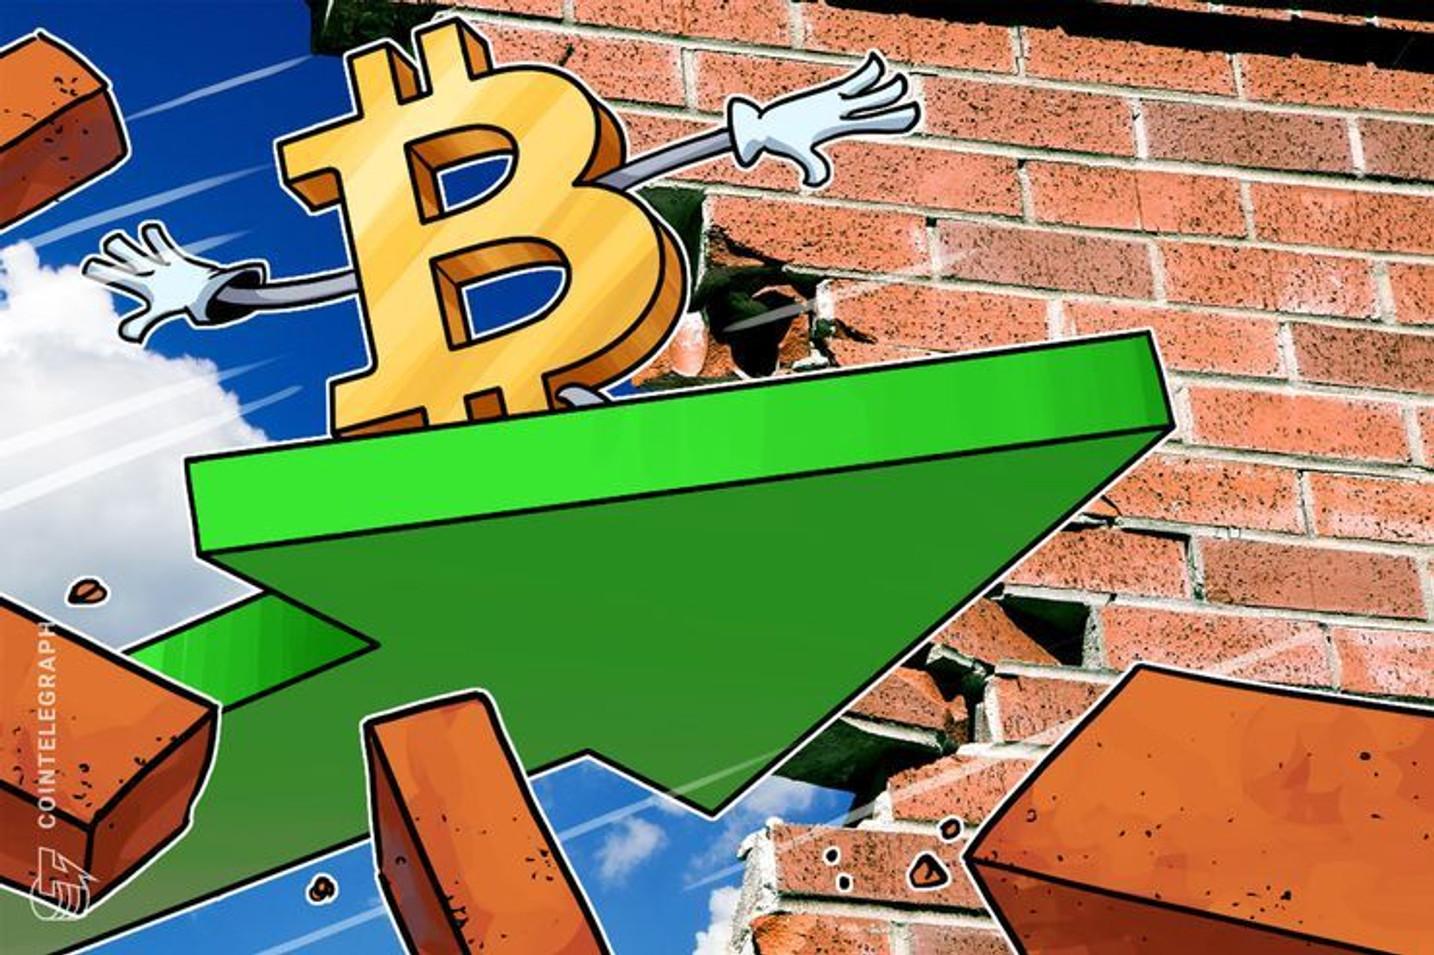 Gerente de Paxful en Latam afirma que múltiples factores influyen en el incremento del precio de Bitcoin